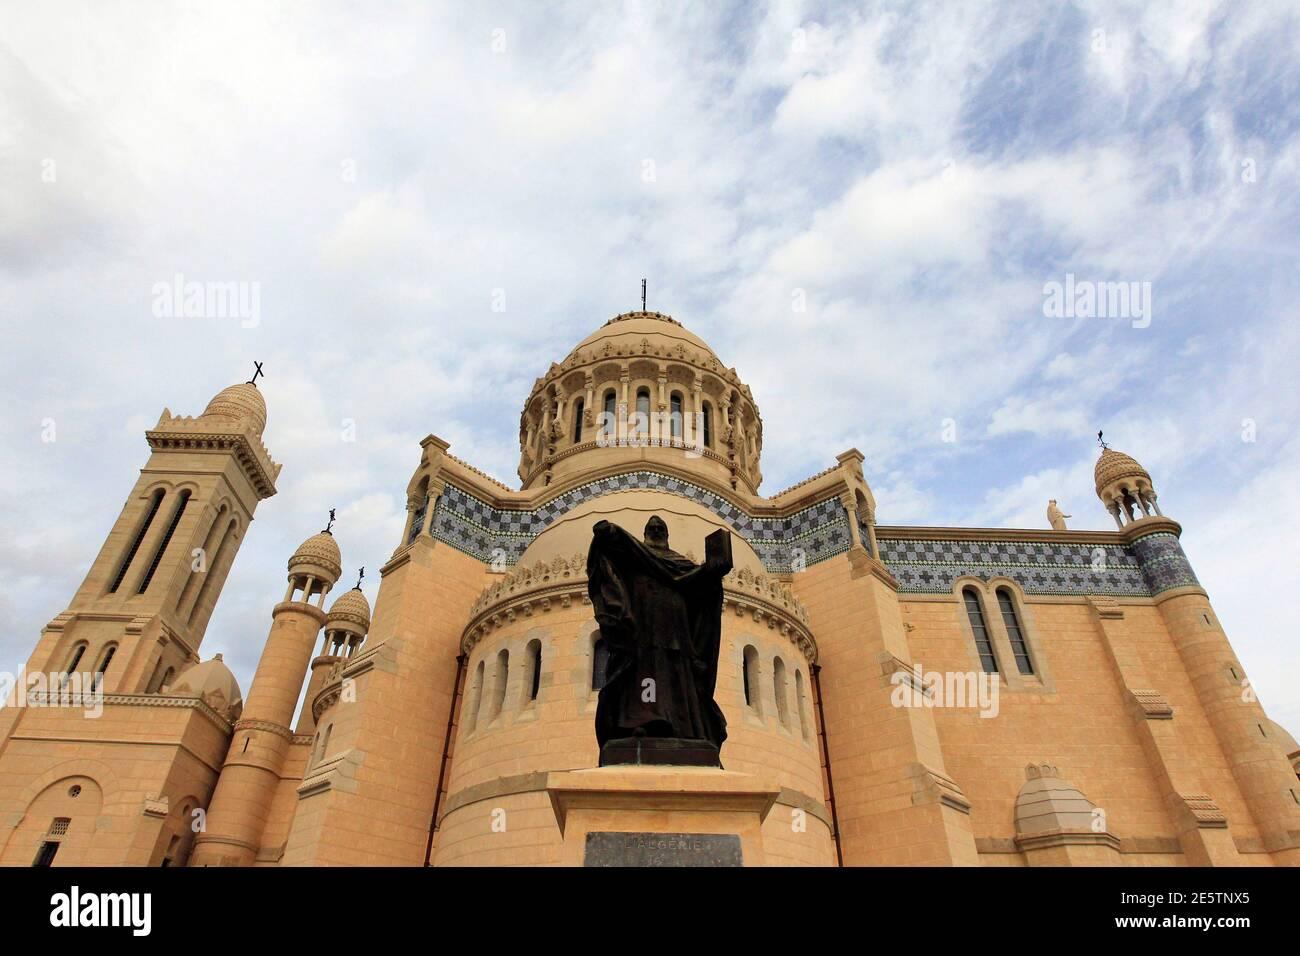 Une vue sur la basilique notre-Dame d'Afrique, ou notre-Dame d'Afrique, récemment restaurée, à Alger le 13 décembre 2010. La basilique a été officiellement rouverte lundi après un projet de restauration de quatre ans financé en partie par l'Union européenne. L'église, qui se trouve sur un promontoire surplombant la mer Méditerranée, a été construite pendant la domination coloniale française en Algérie. REUTERS/Zohra Bensemra (ALGÉRIE - Tags: SOCIÉTÉ RELIGIEUSE) Banque D'Images